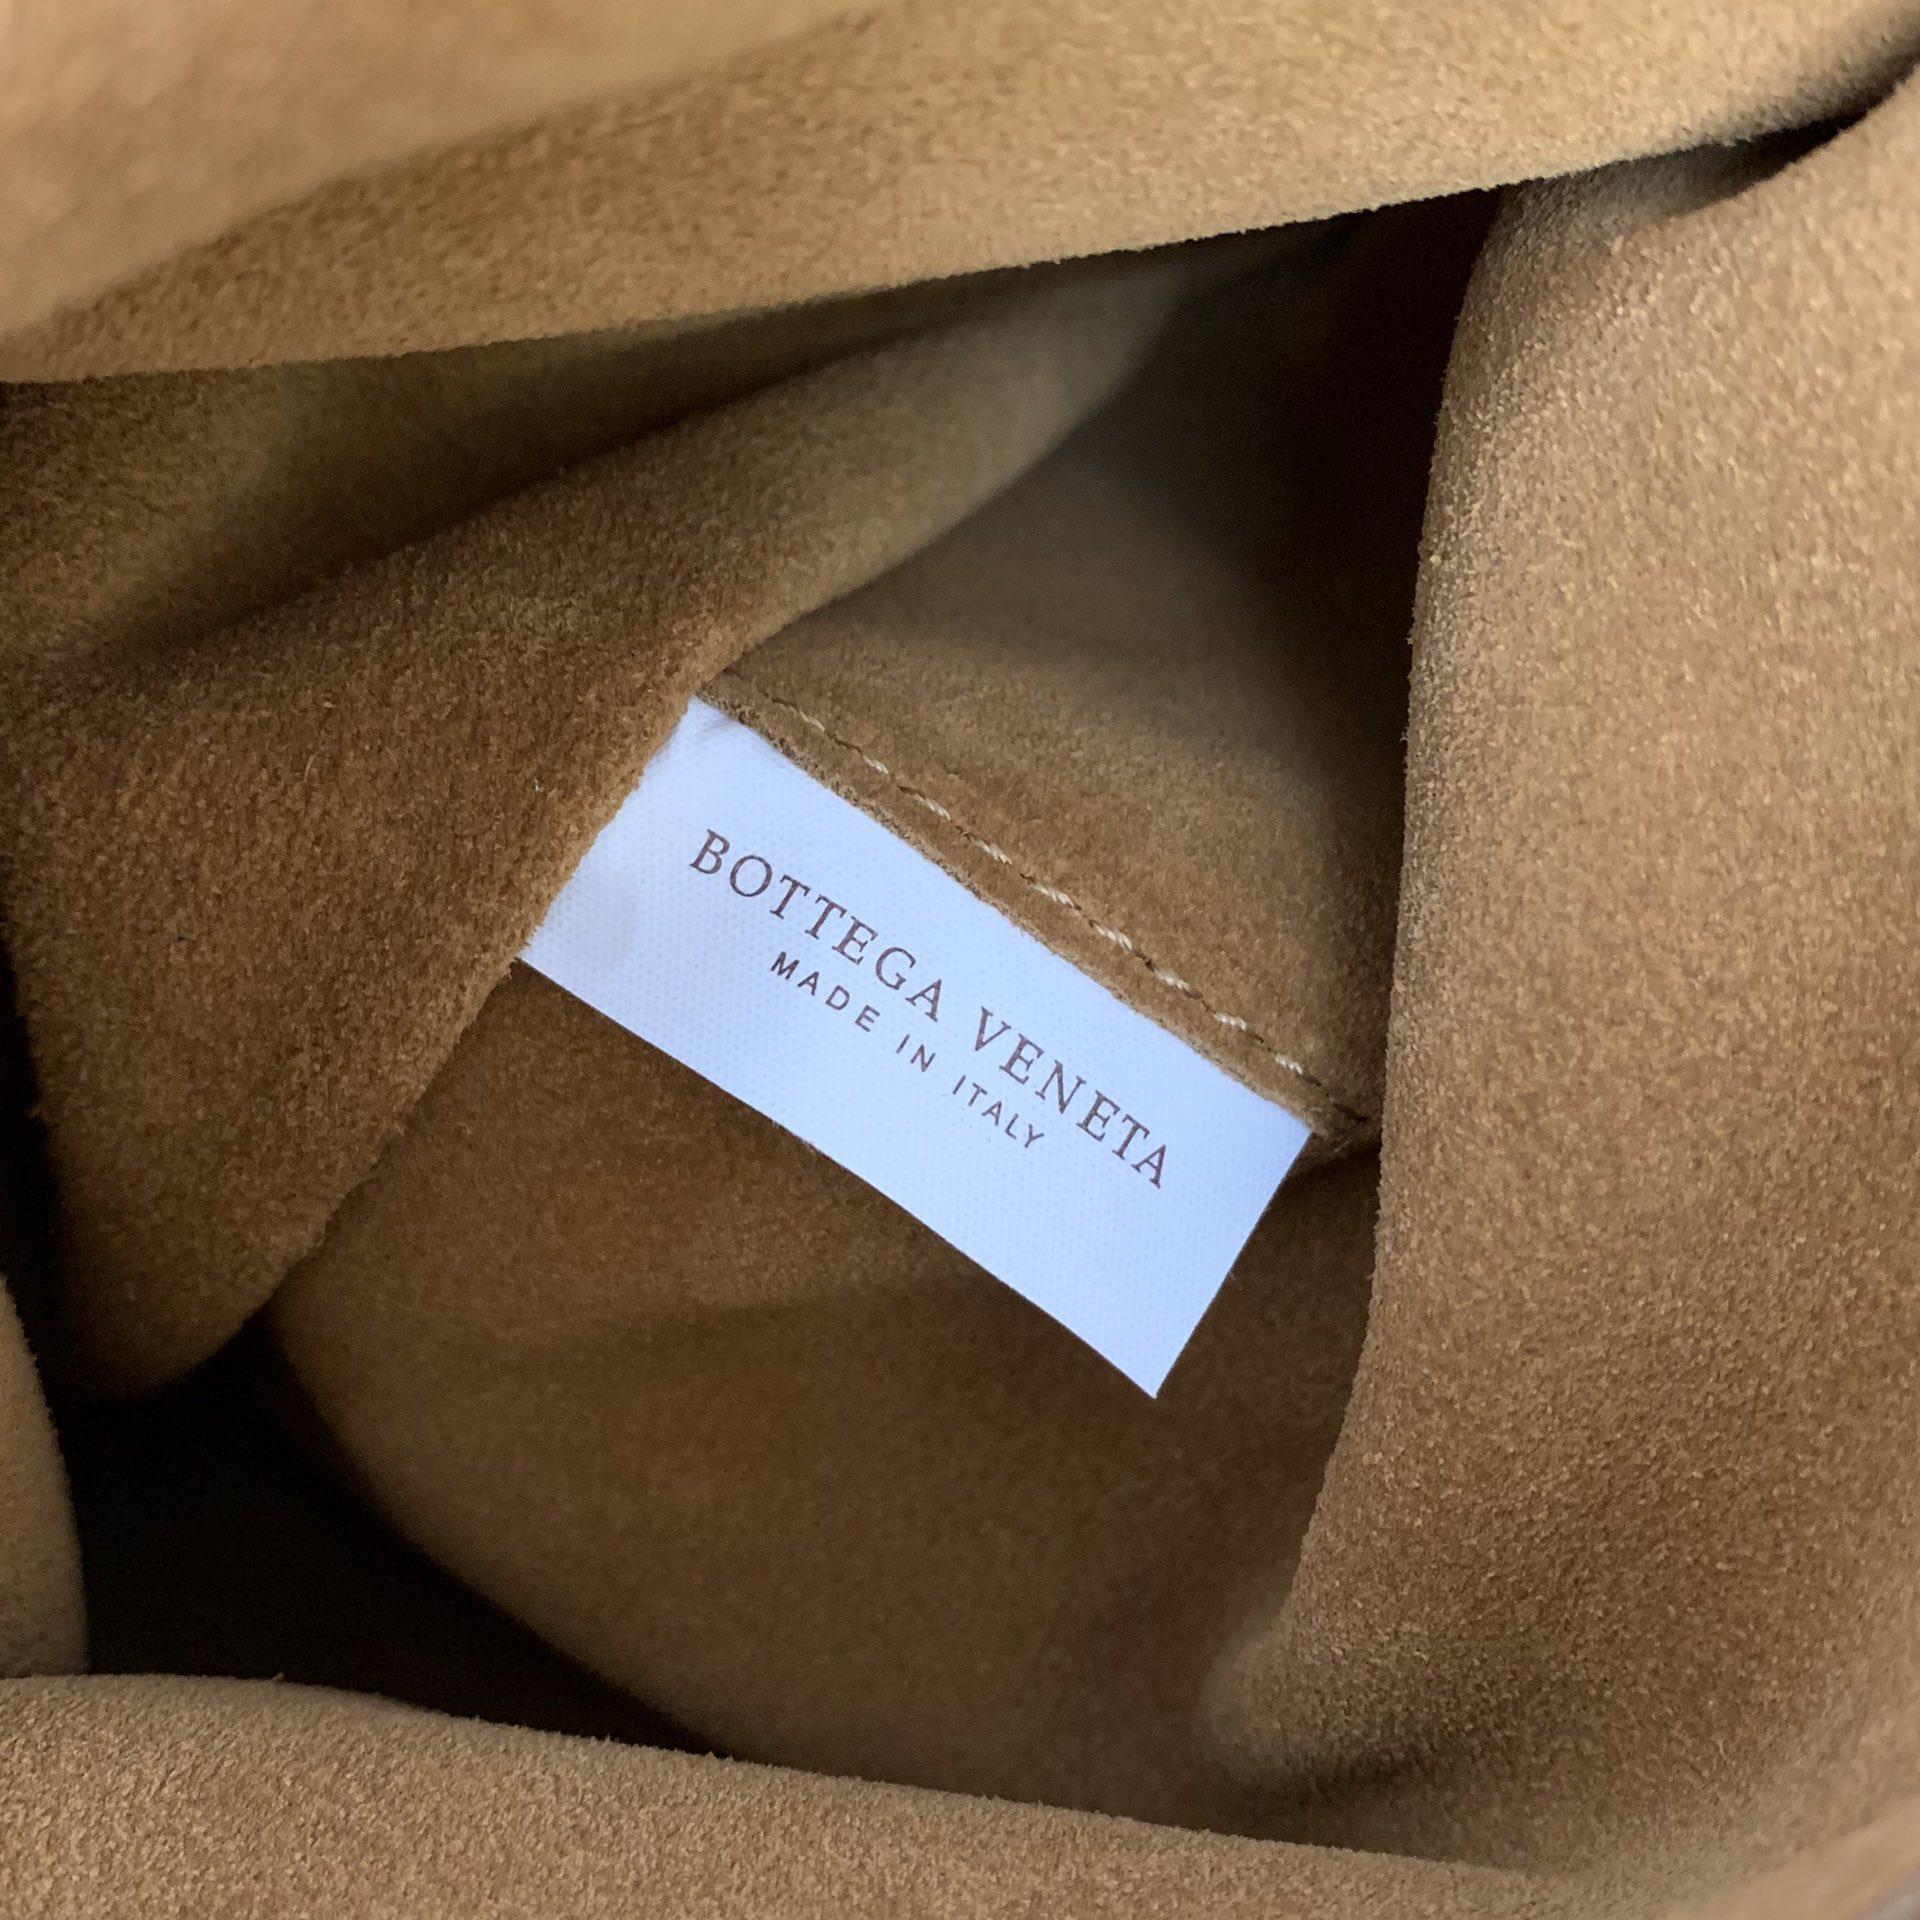 BV葆蝶家 油蜡皮质 ARCO 618464 木薯色 32(袋口48)×28×12